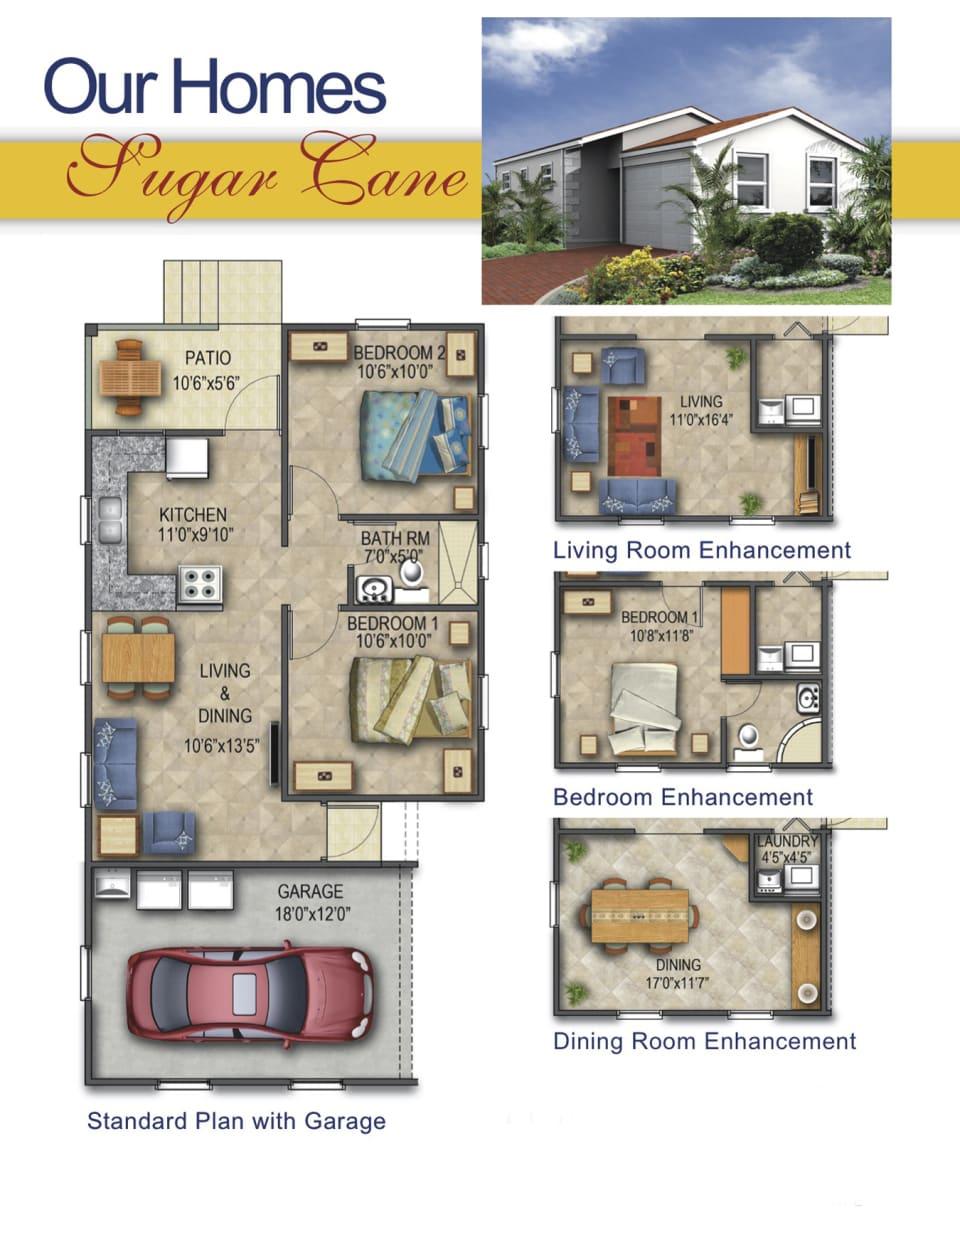 Floor Plan with Enhancement